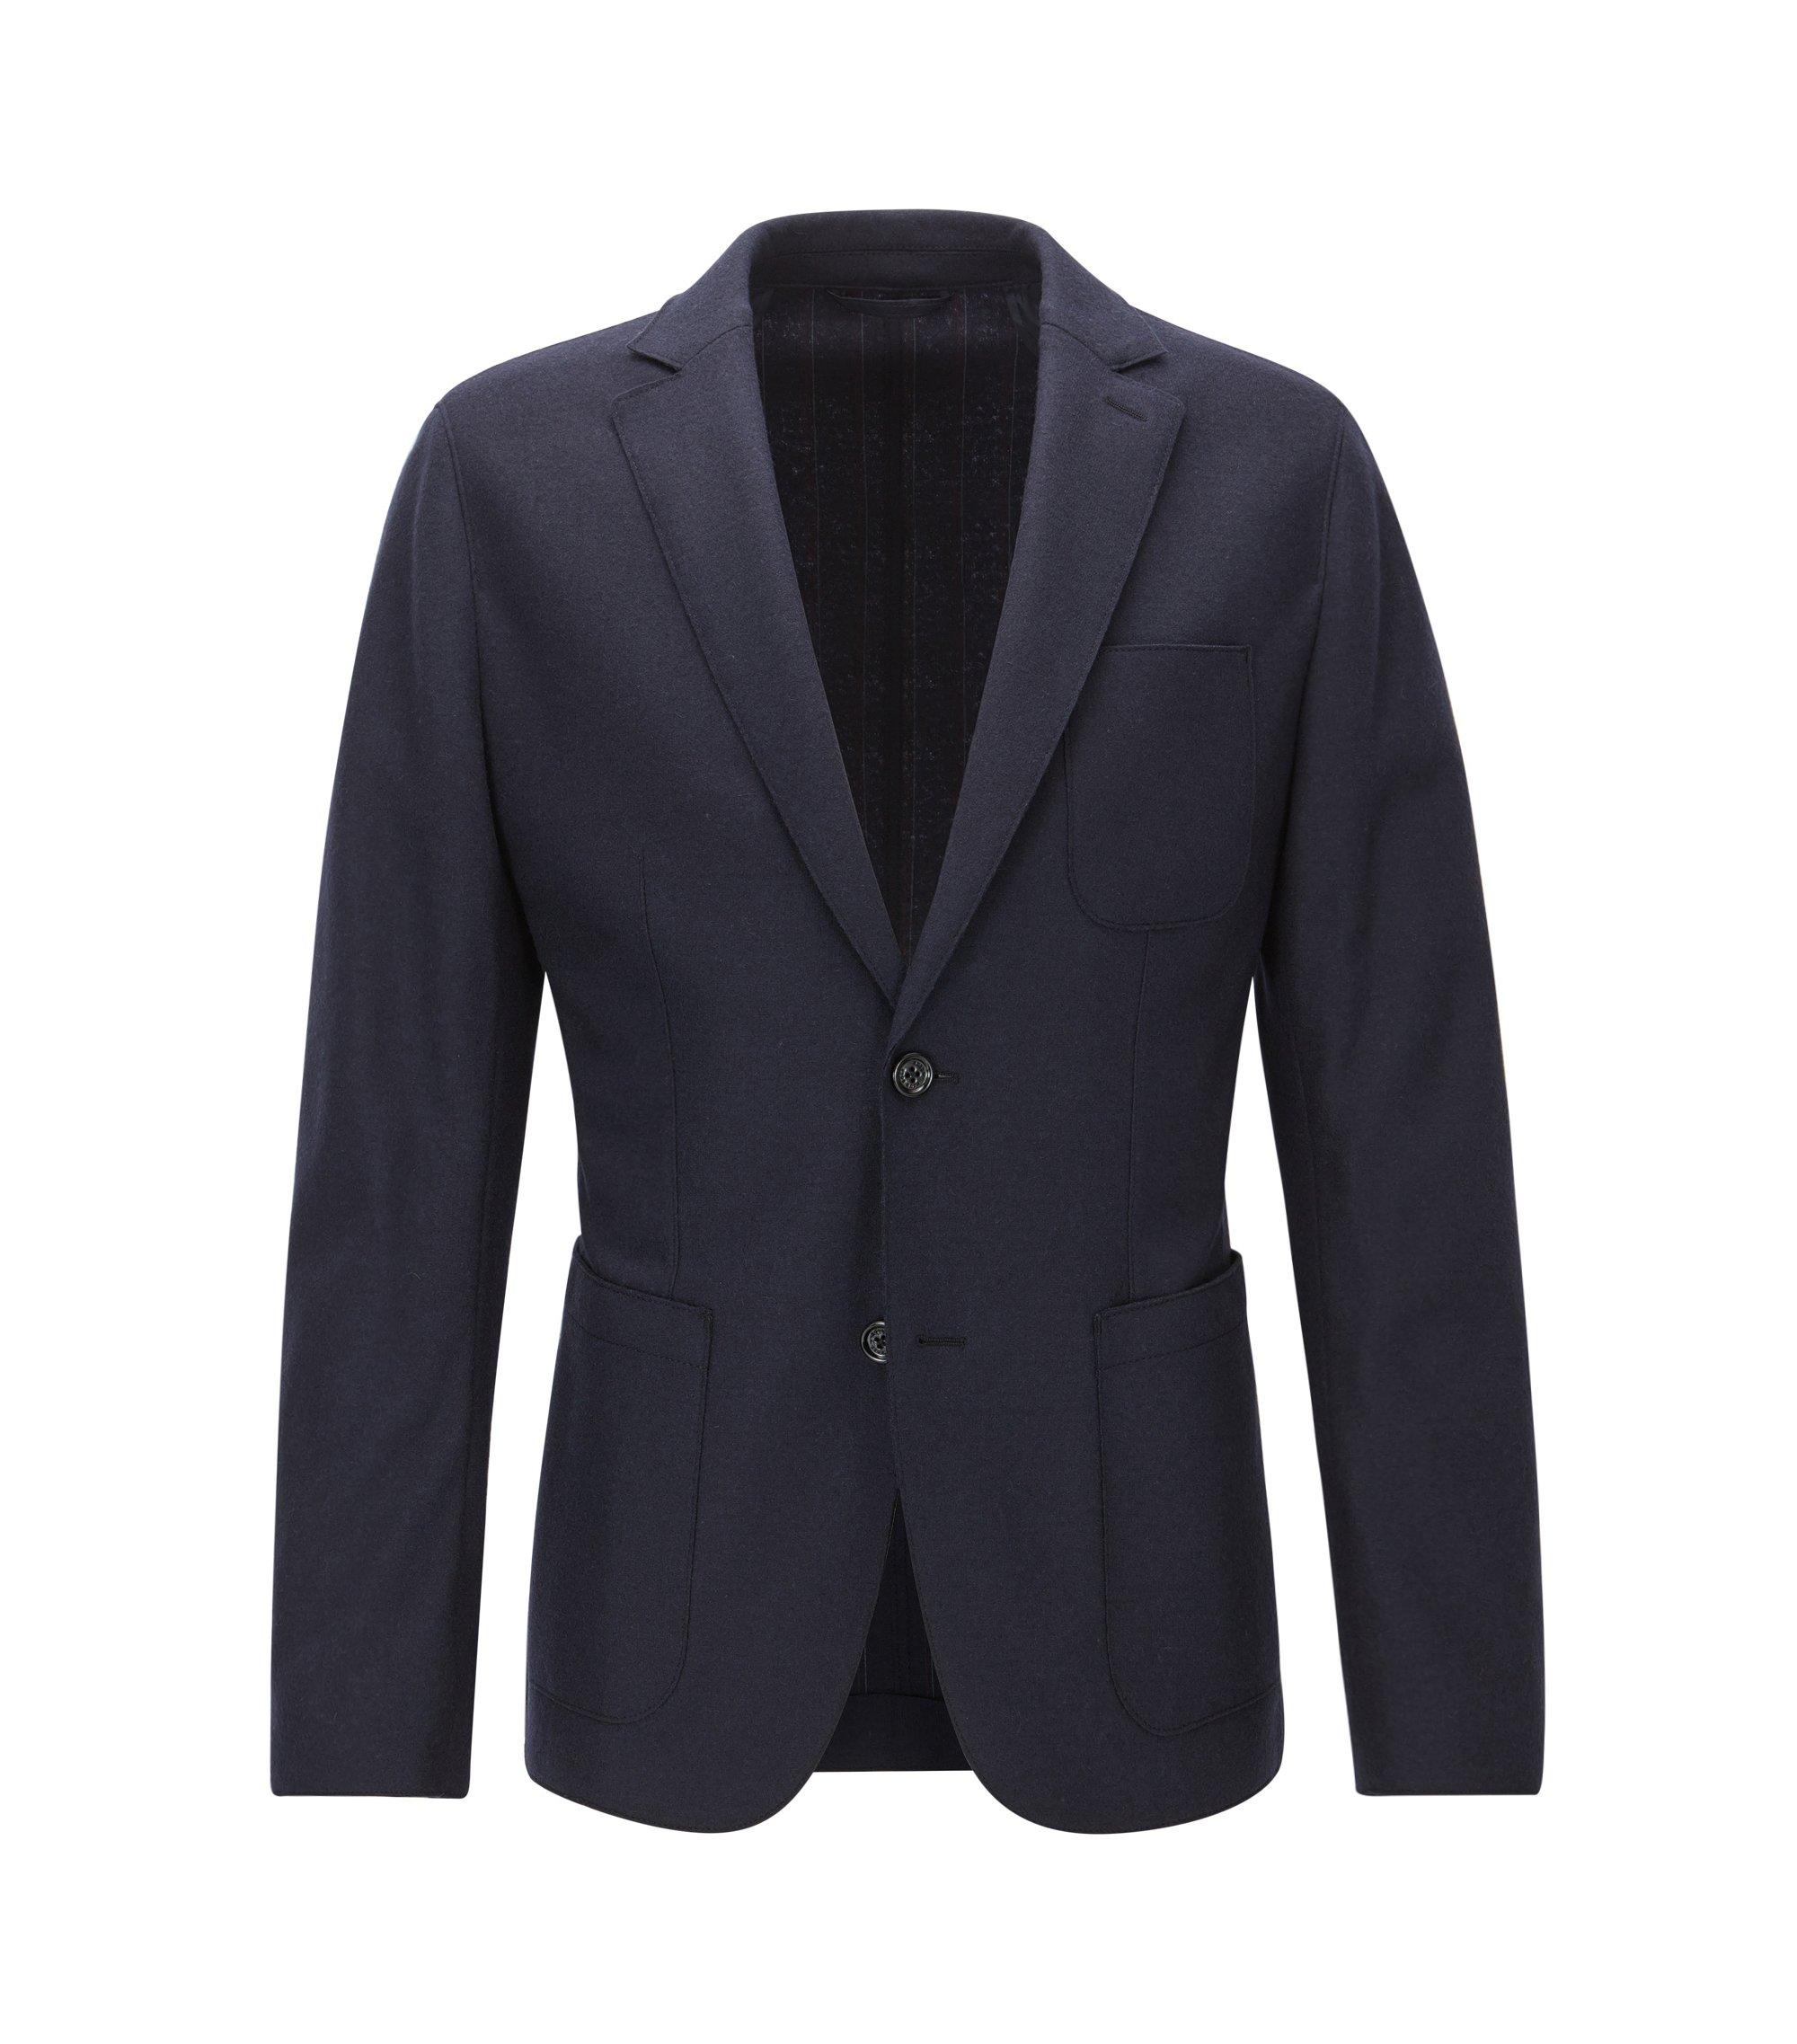 Chaqueta de punto slim fit en lana virgen con bordes sin rematar, Azul oscuro